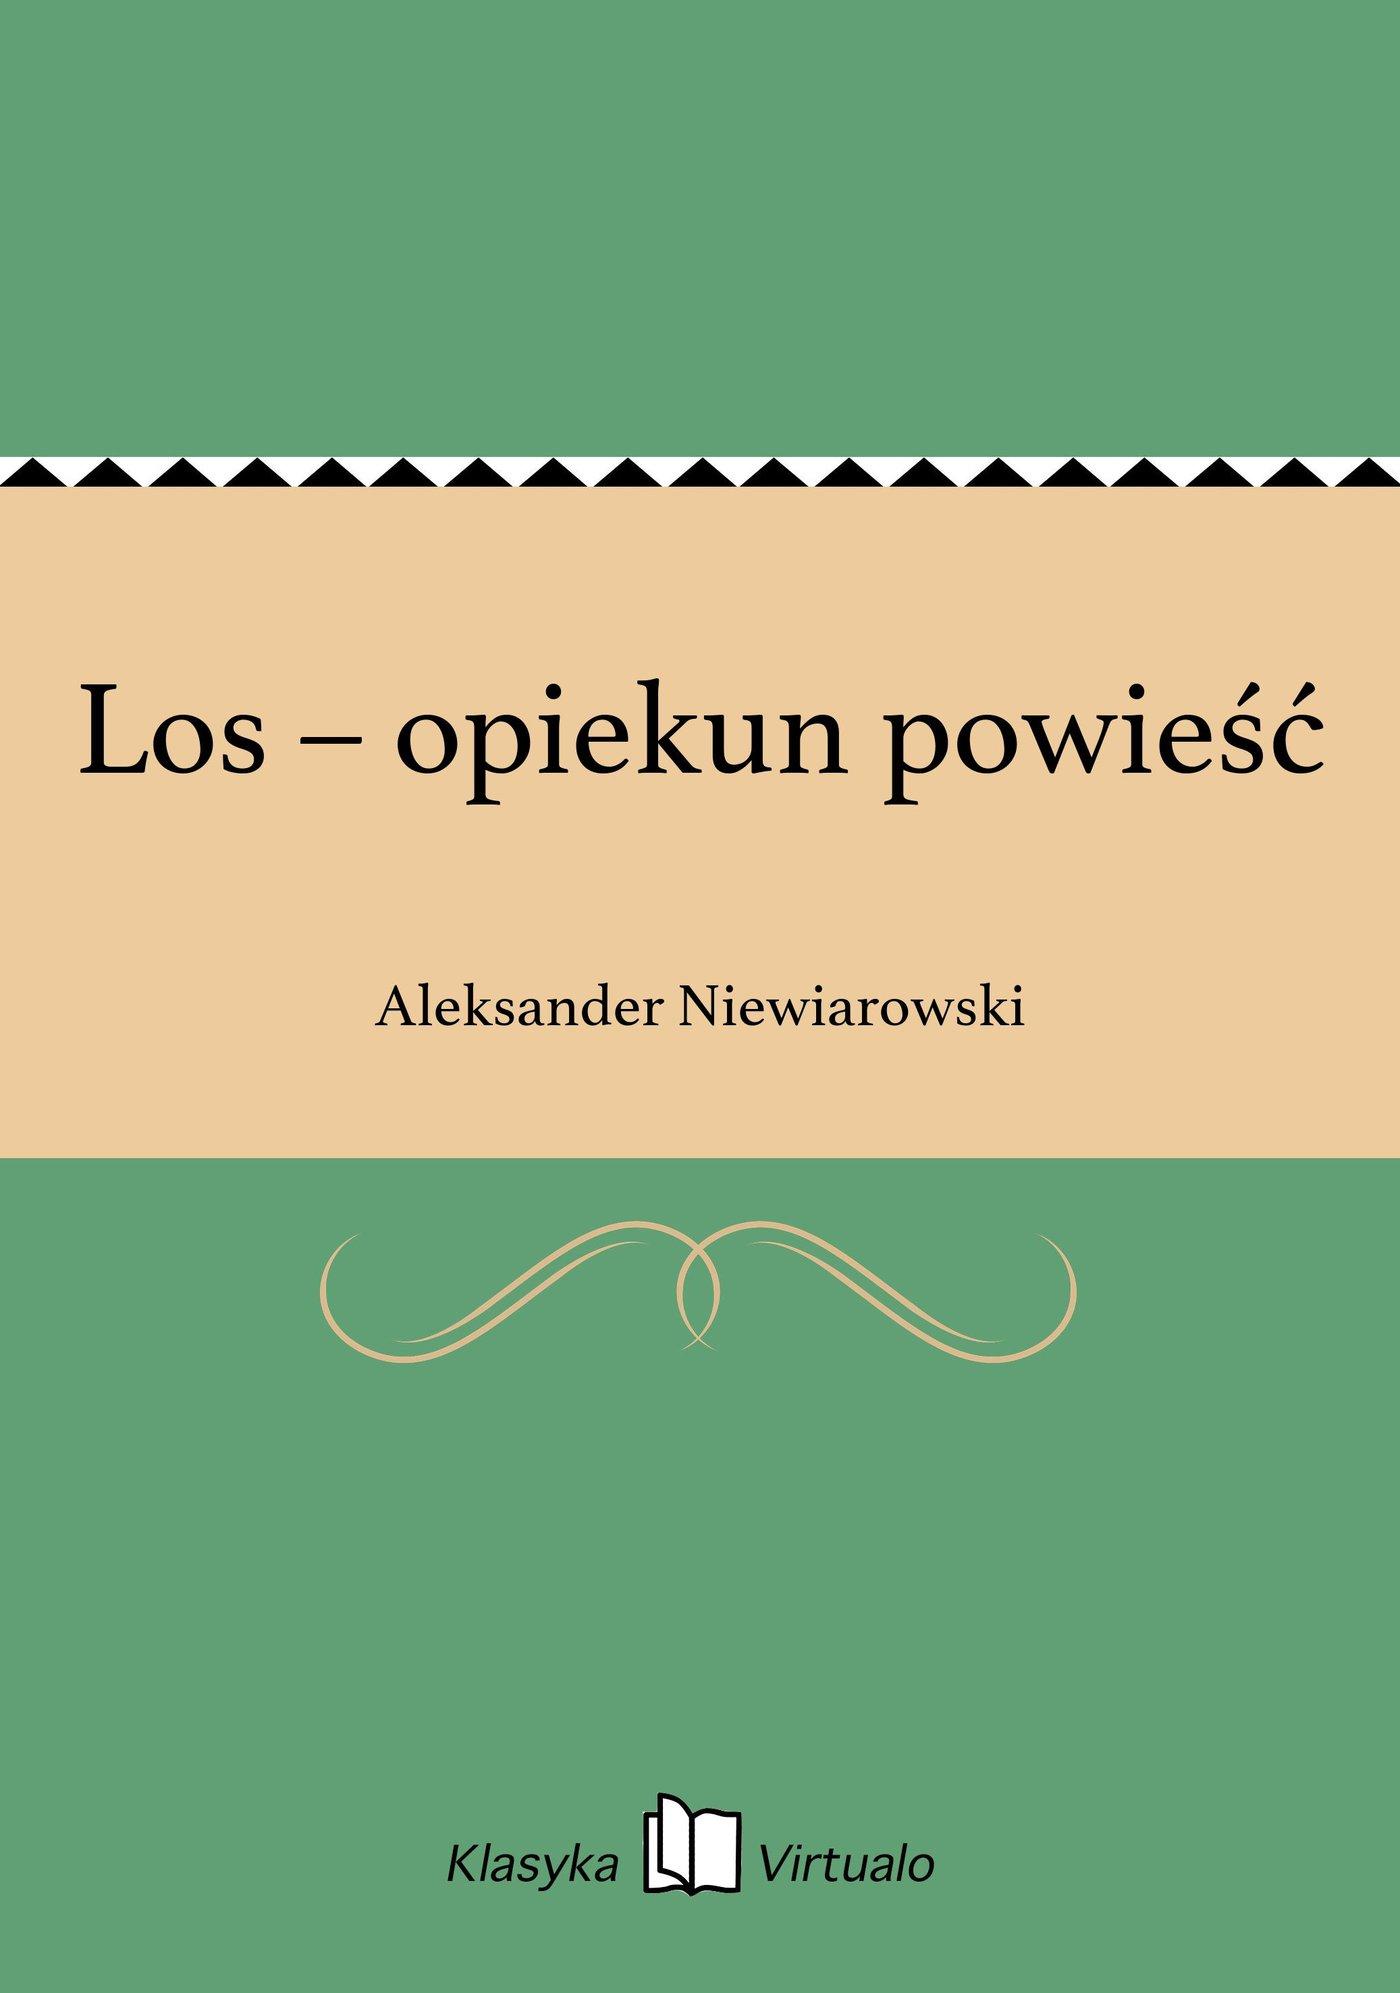 Los – opiekun powieść - Ebook (Książka na Kindle) do pobrania w formacie MOBI